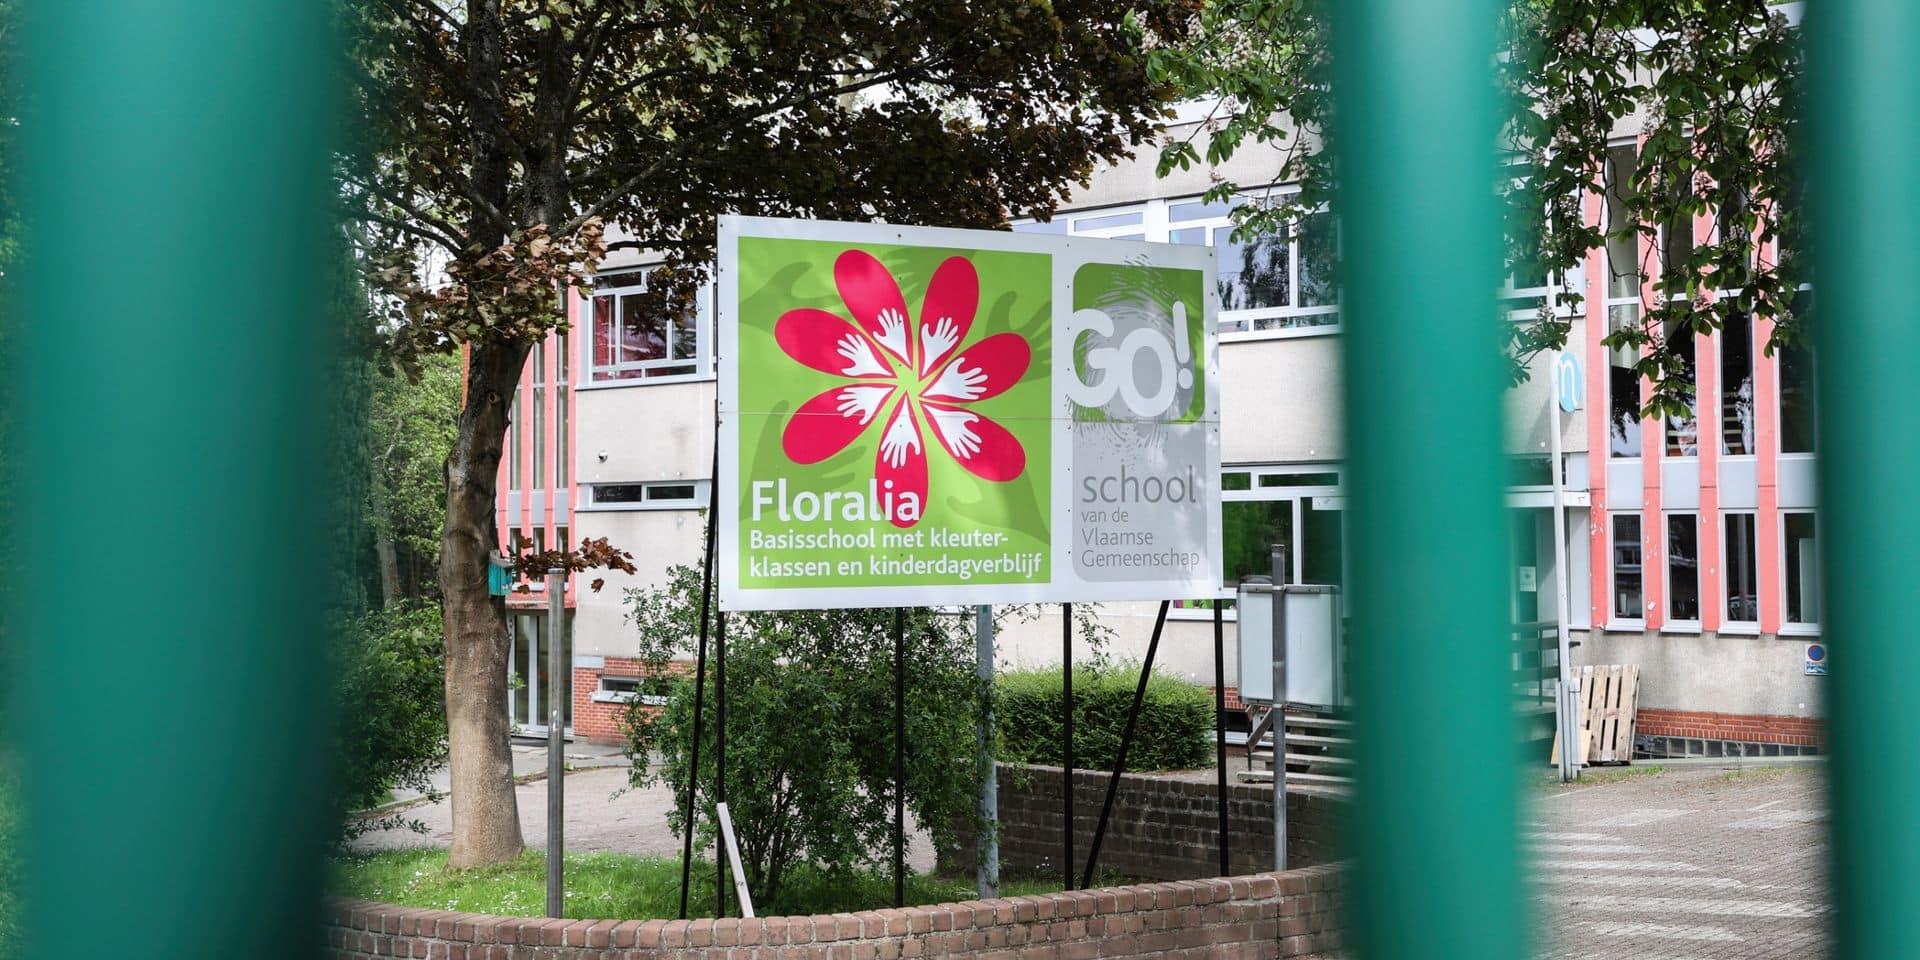 Possibles abus sexuels dans une école à Bruxelles: les parents appellent au calme